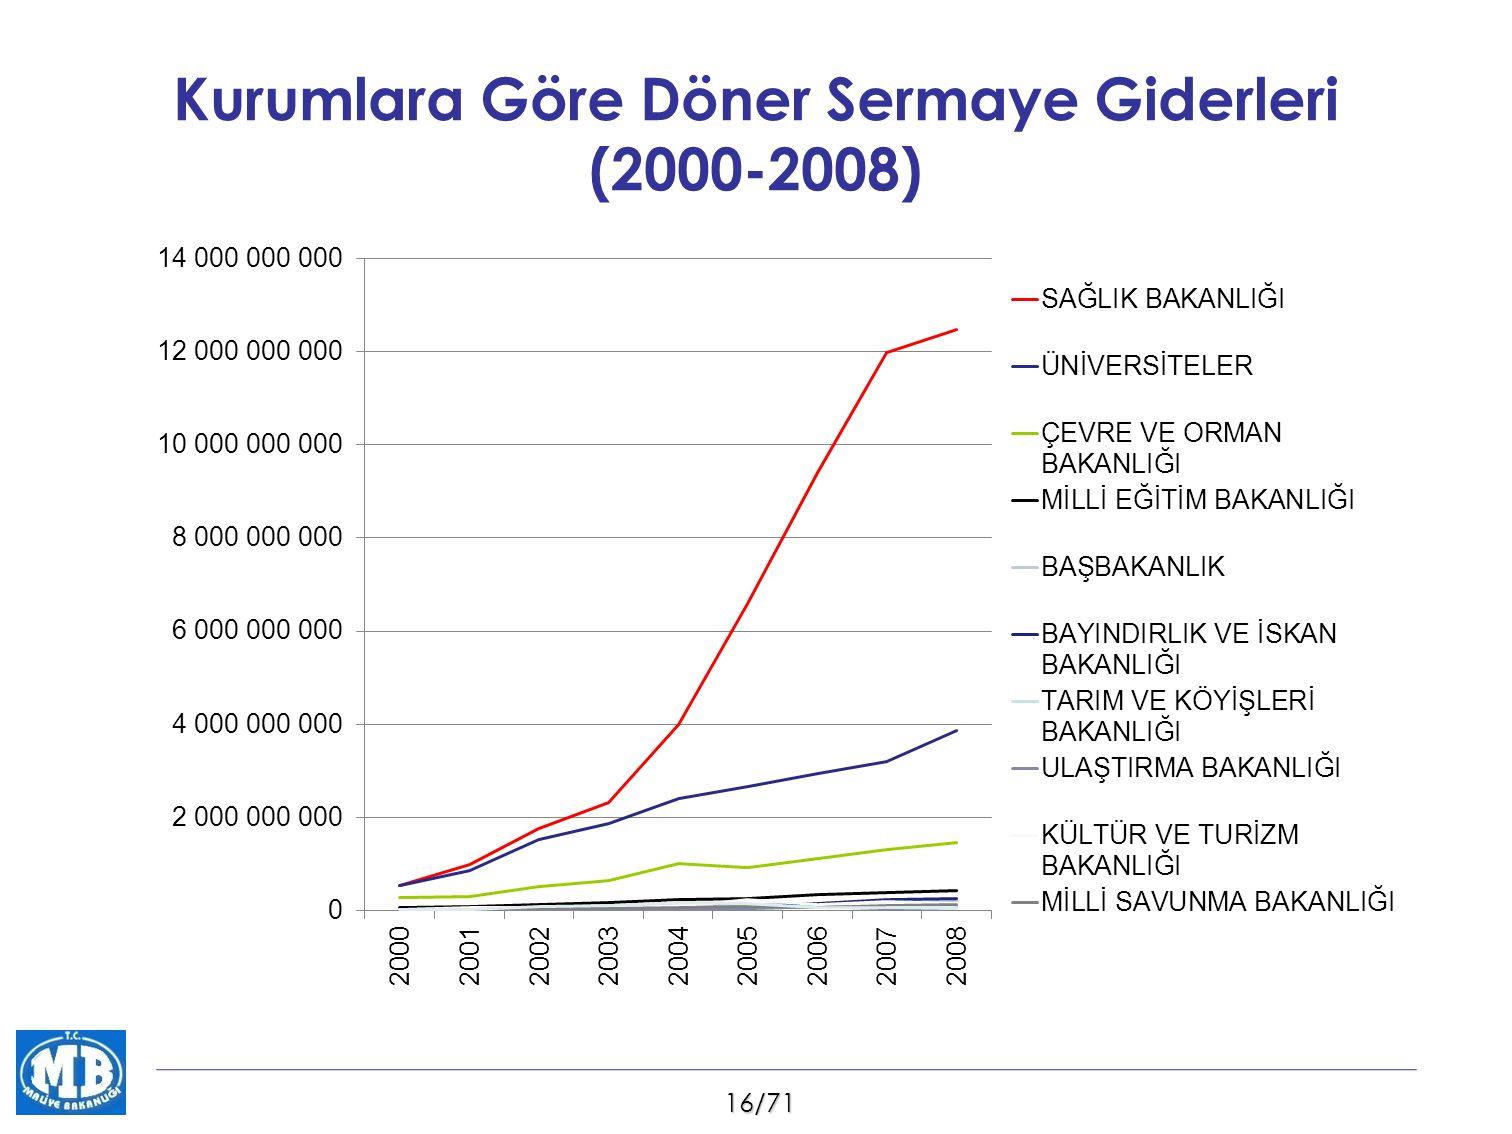 16/71 Kurumlara Göre Döner Sermaye Giderleri (2000-2008)